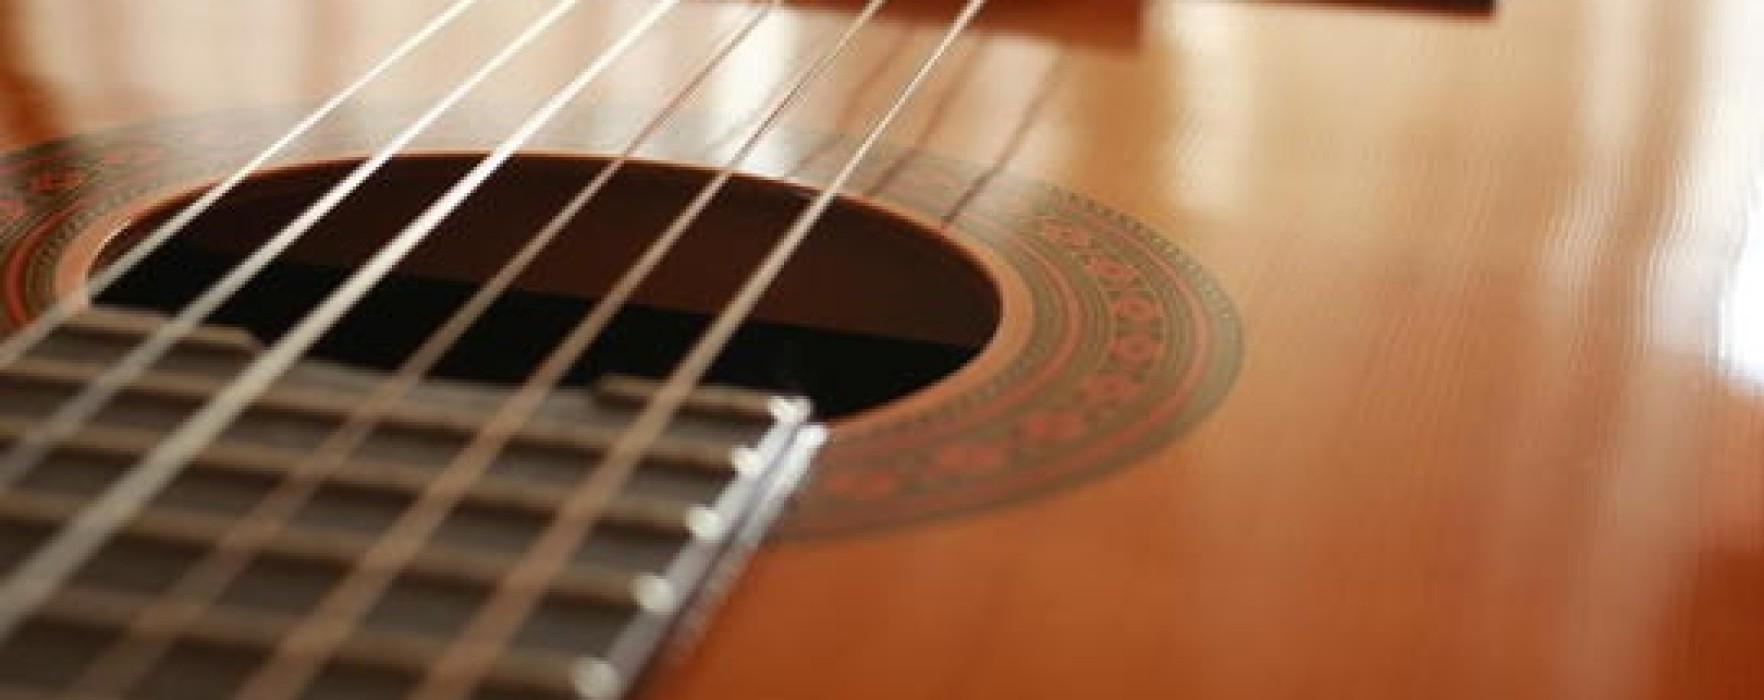 Yamaha c40 Classical Guitar